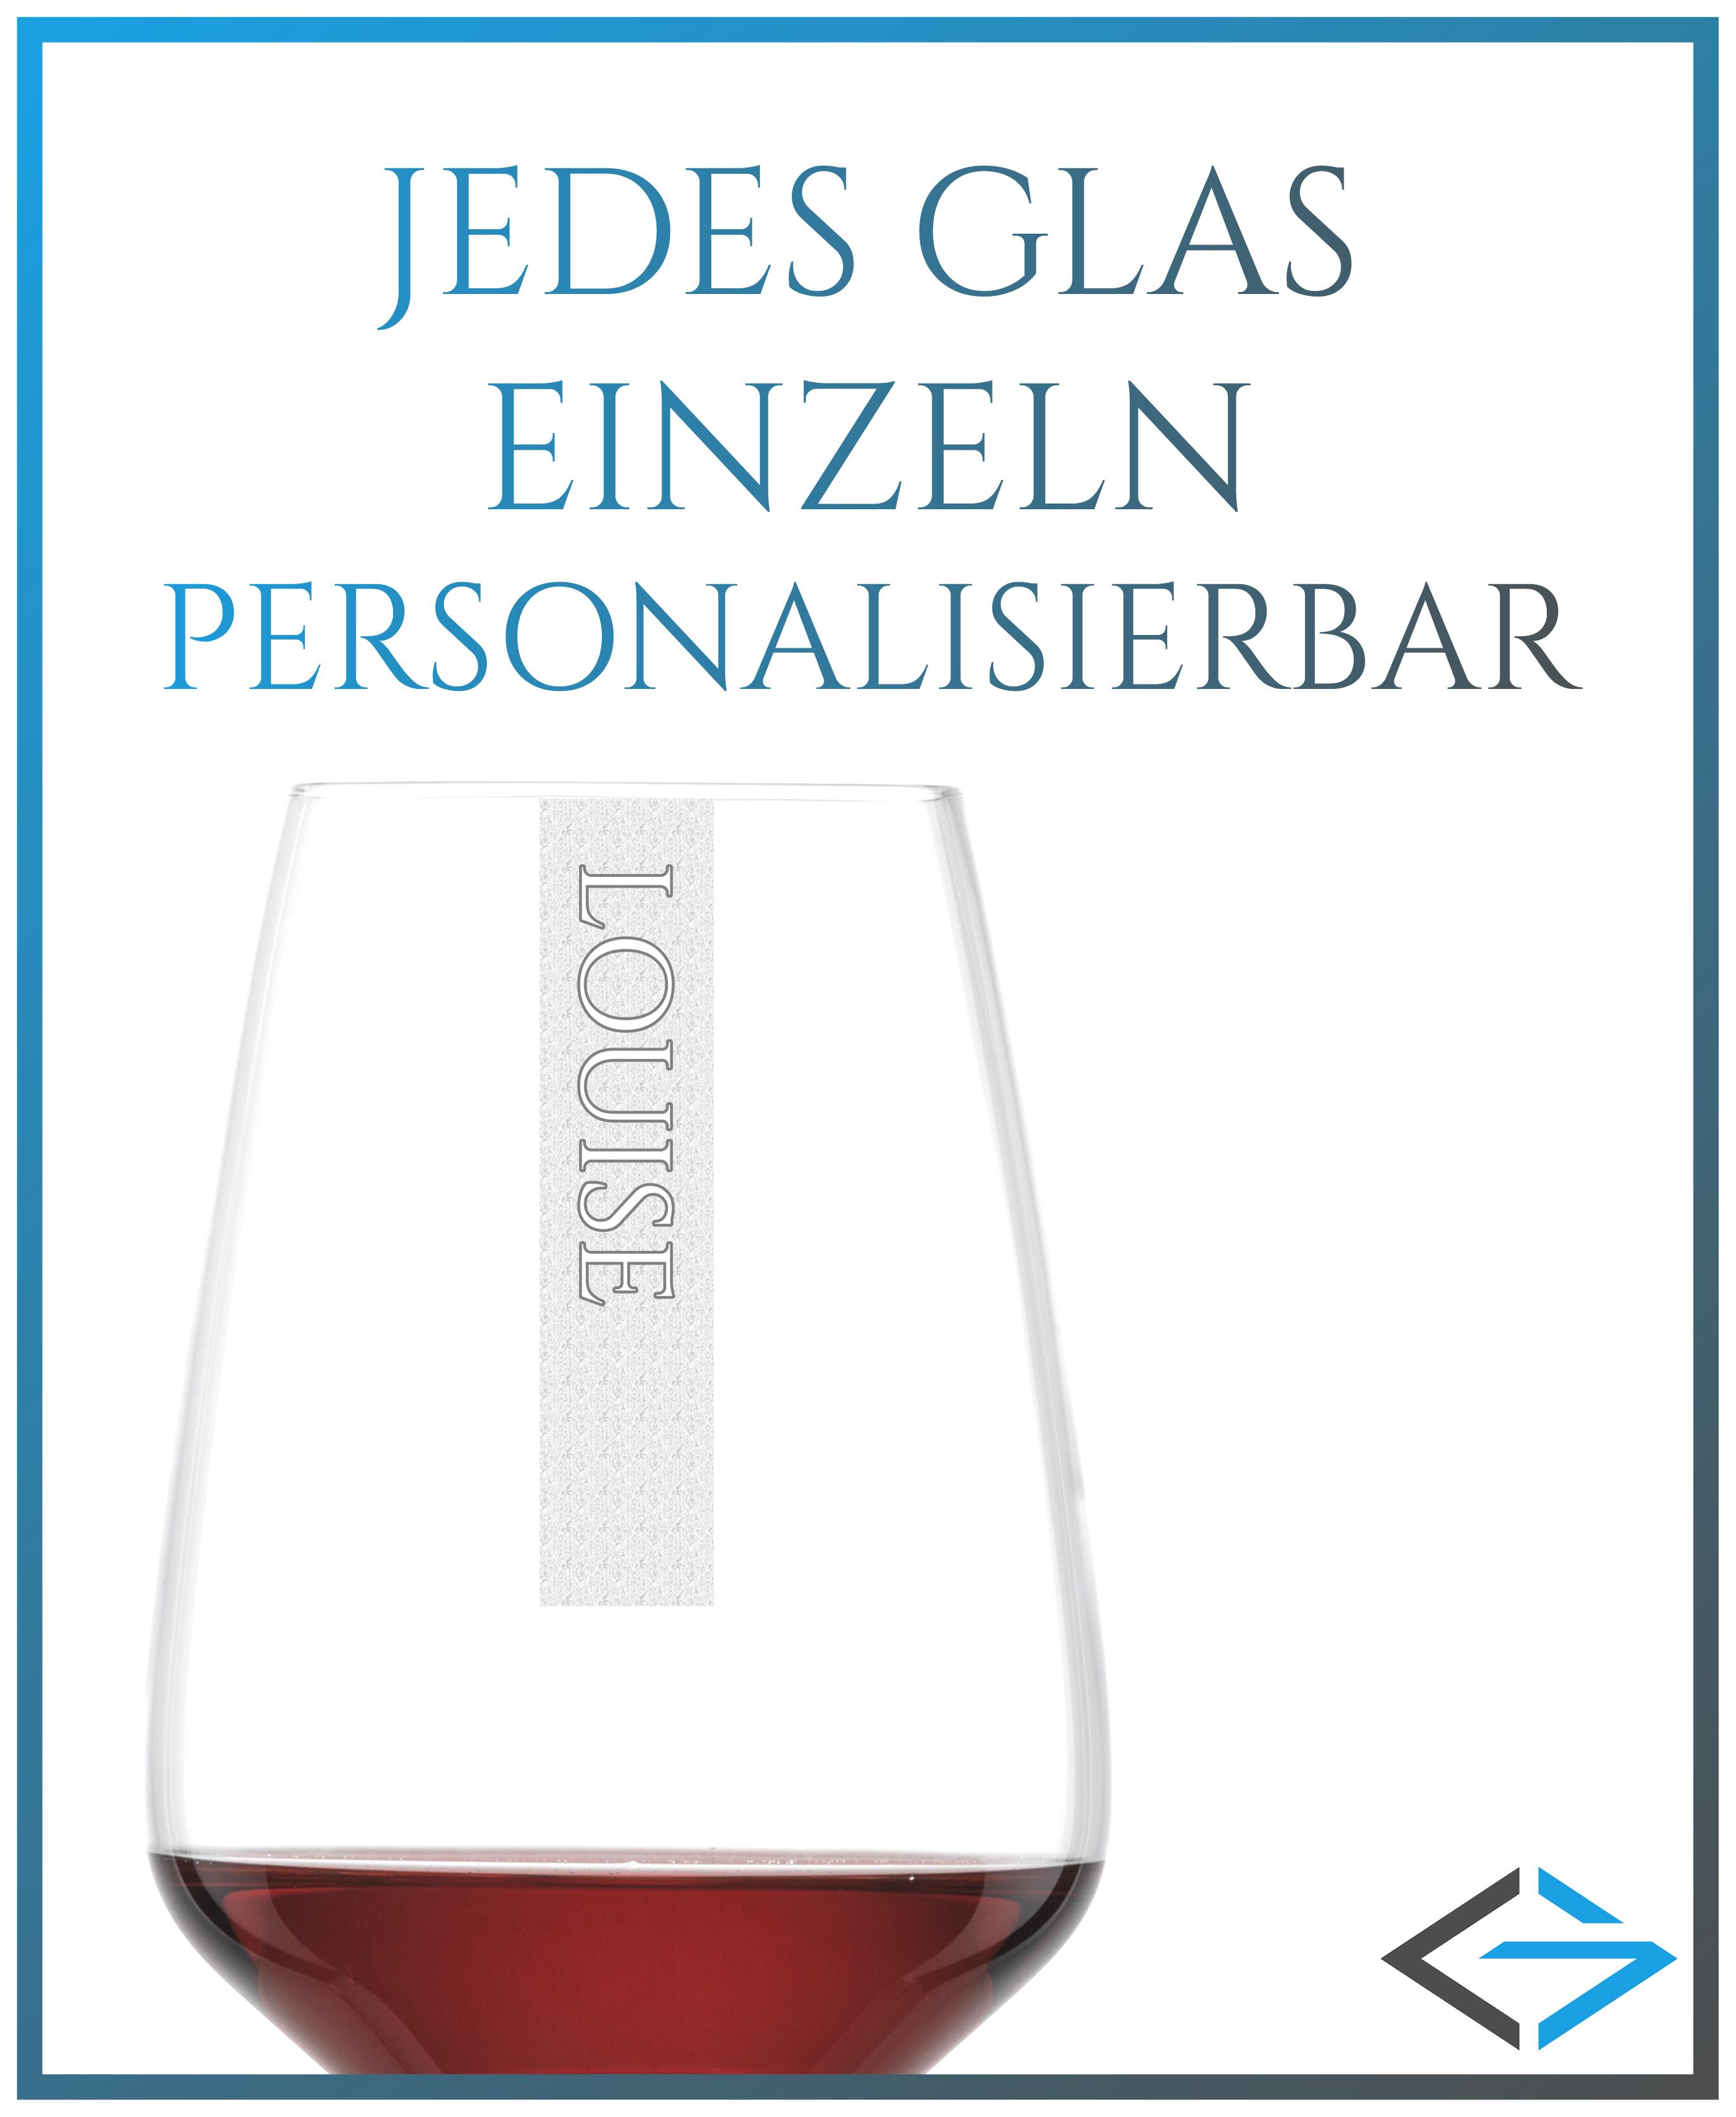 NAMEN Rotweinglas mit Wunschtext | 497ml Schott Taste Rotweinkelch personalisiert